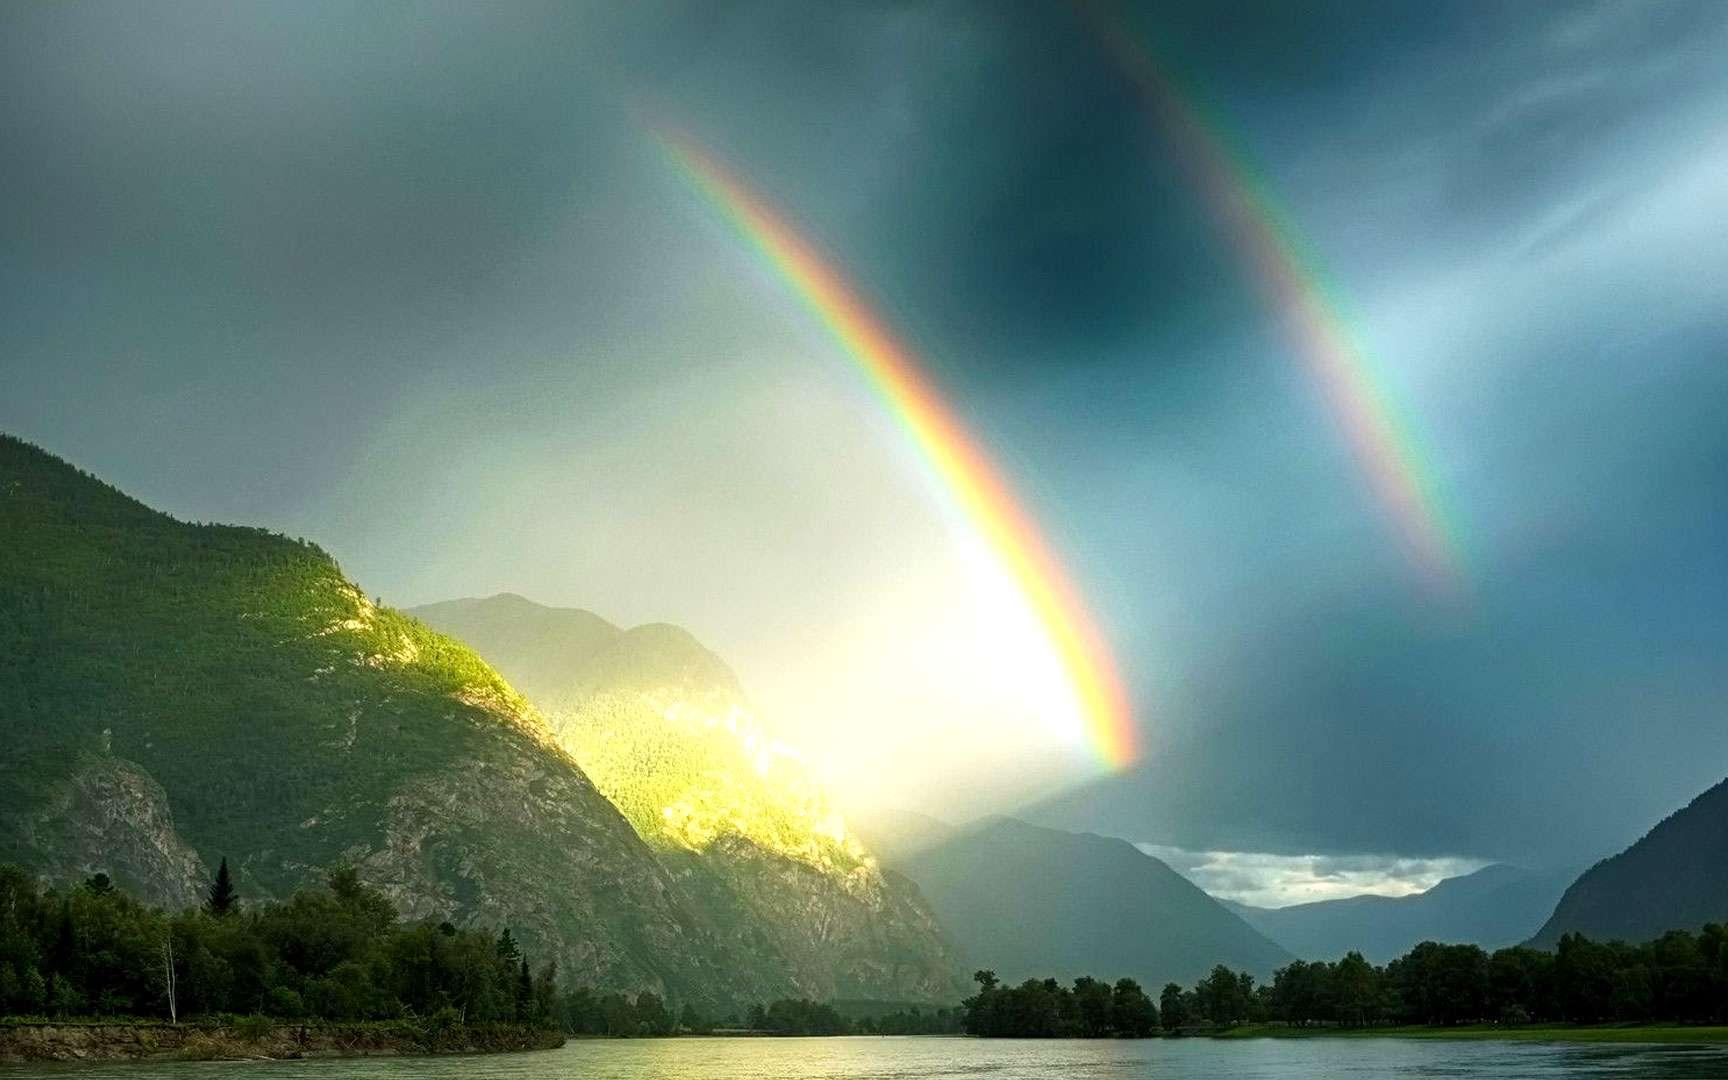 Arc-en-ciel primaire et arc-en-ciel secondaire. Cette photo a été prise dans la région montagneuse de l'Altaï située entre la Russie, la Chine, la Mongolie et le Kazakhstan. Il est possible d'y voir un arc-en-ciel primaire et un arc-en-ciel secondaire. L'arc-en-ciel primaire est le plus coloré. Le deuxième arc, moins visible, est l'arc-en-ciel secondaire. Ce dernier n'est pas tout le temps visible mais est en fait toujours présent. Les couleurs de l'arc secondaire sont inversées par rapport à celles du premier arc. © moonglee, Shutterstock